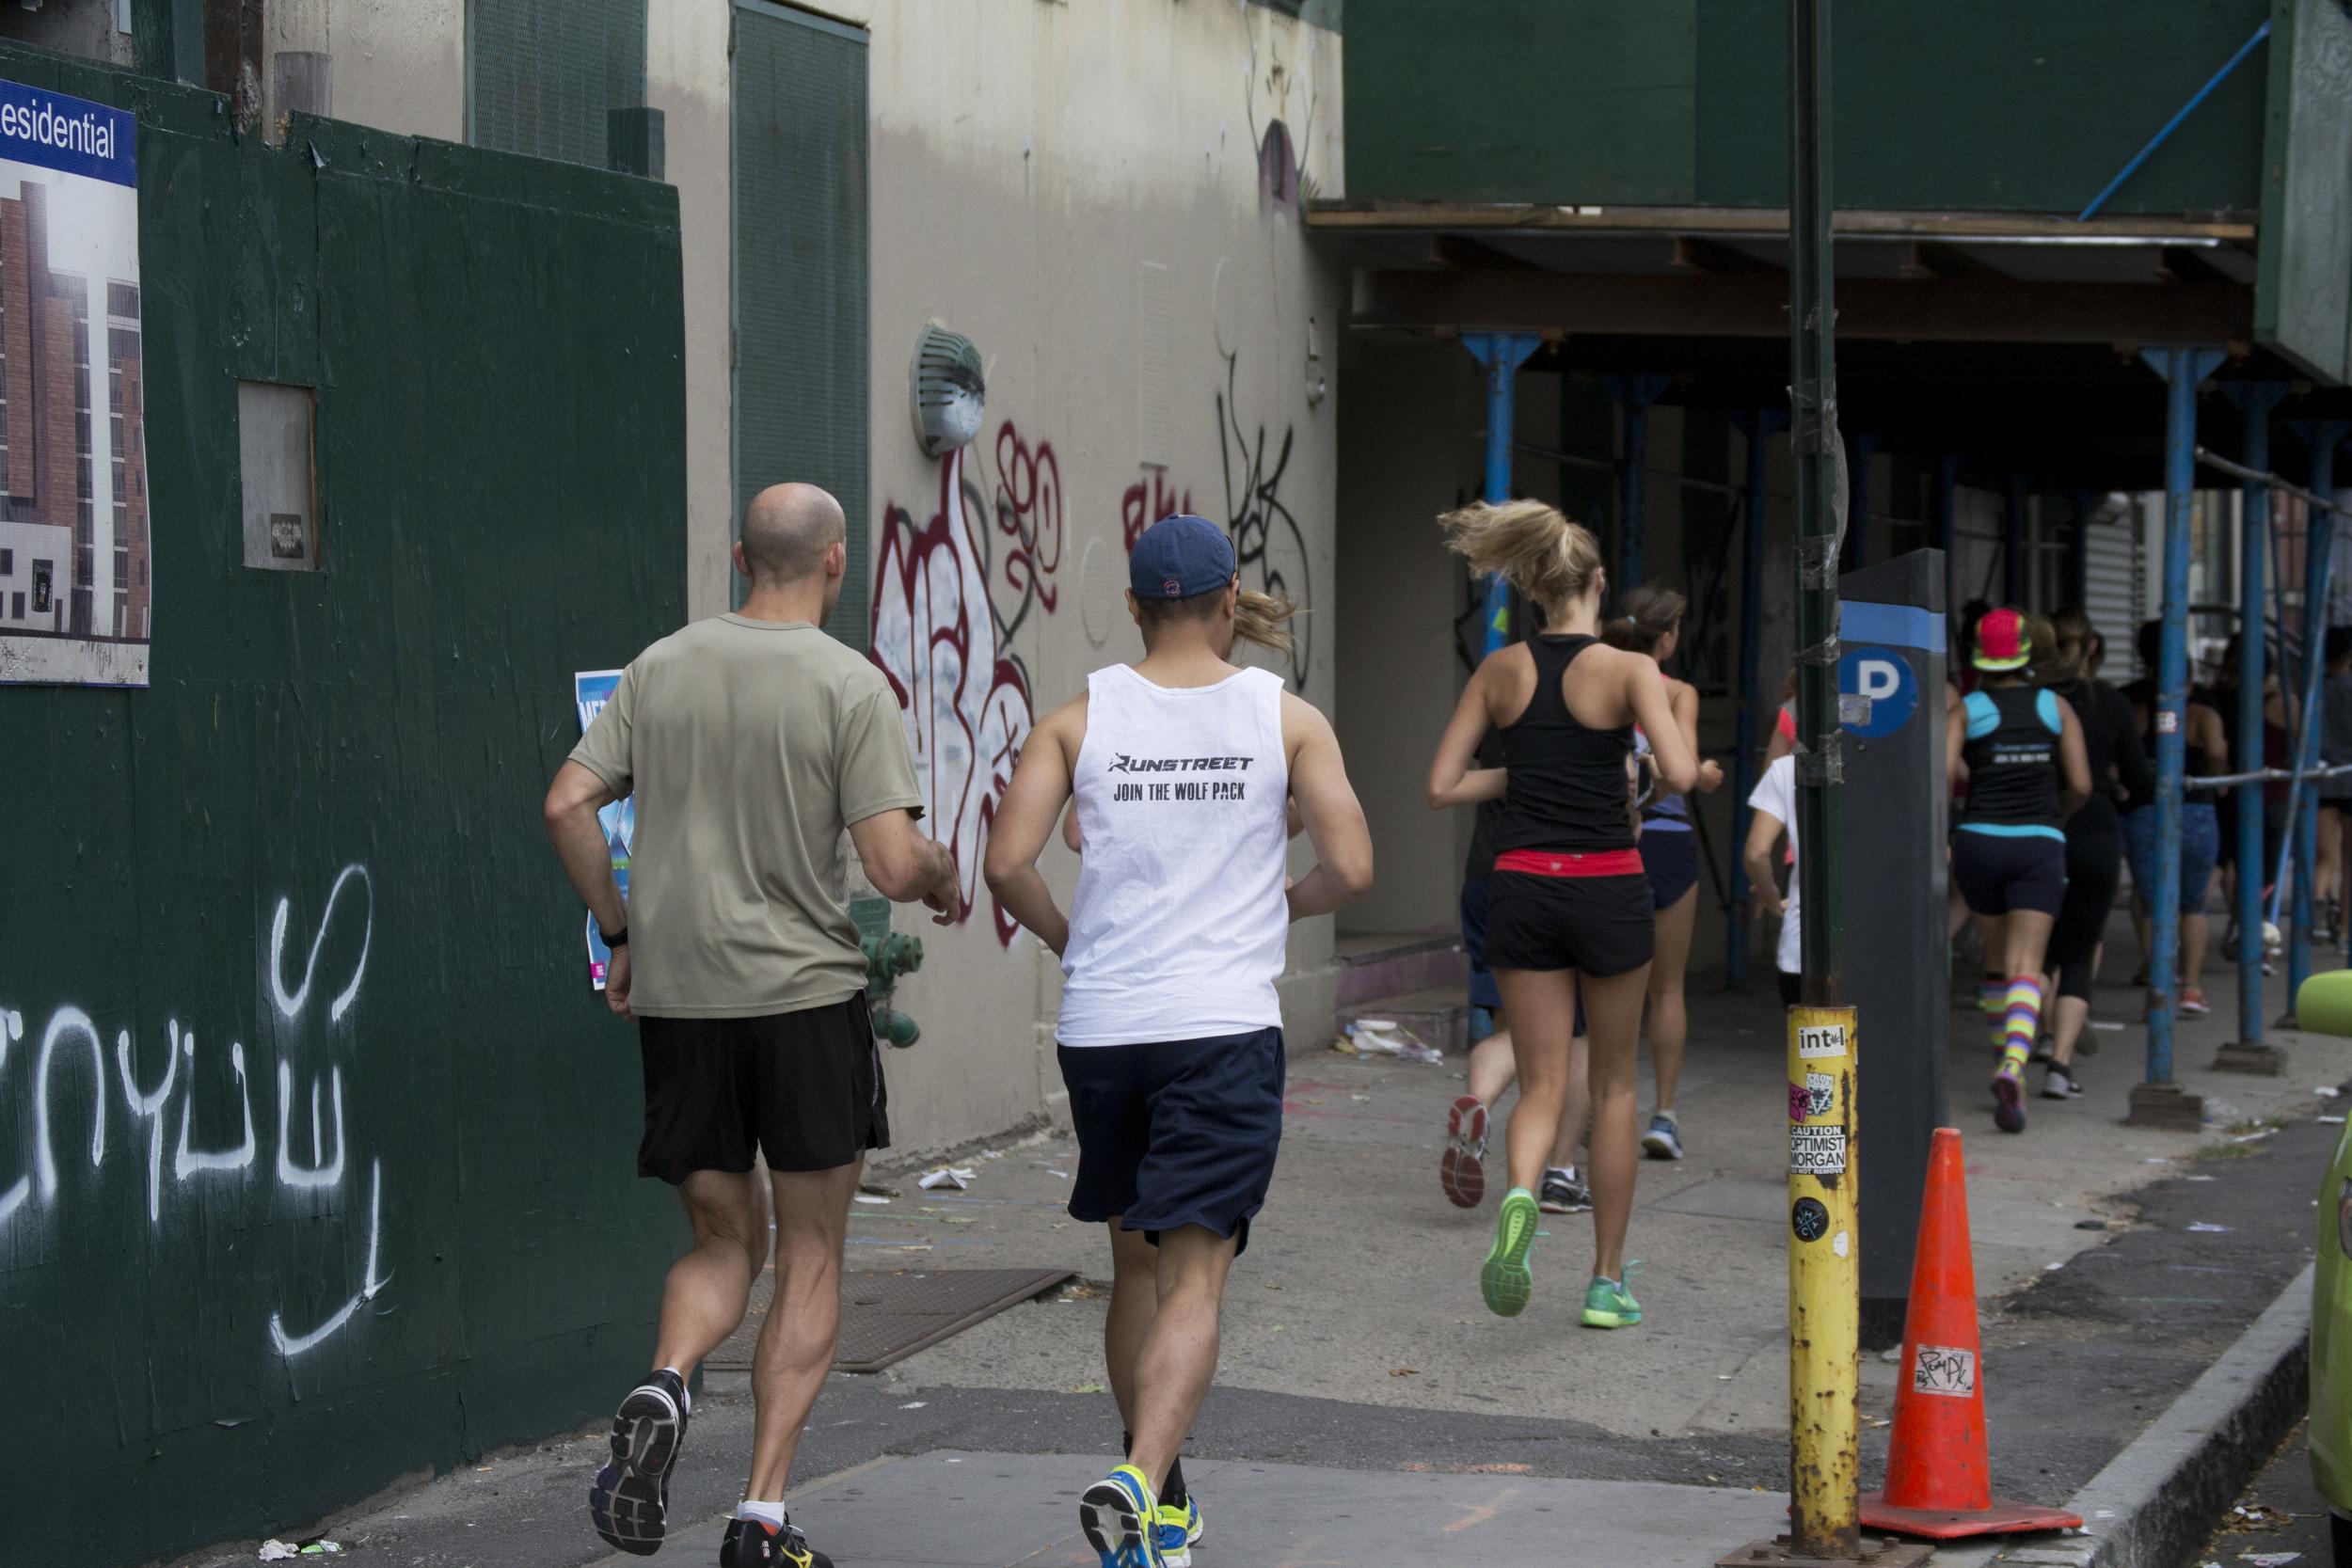 Runstreet-nyc-graffiti-runners